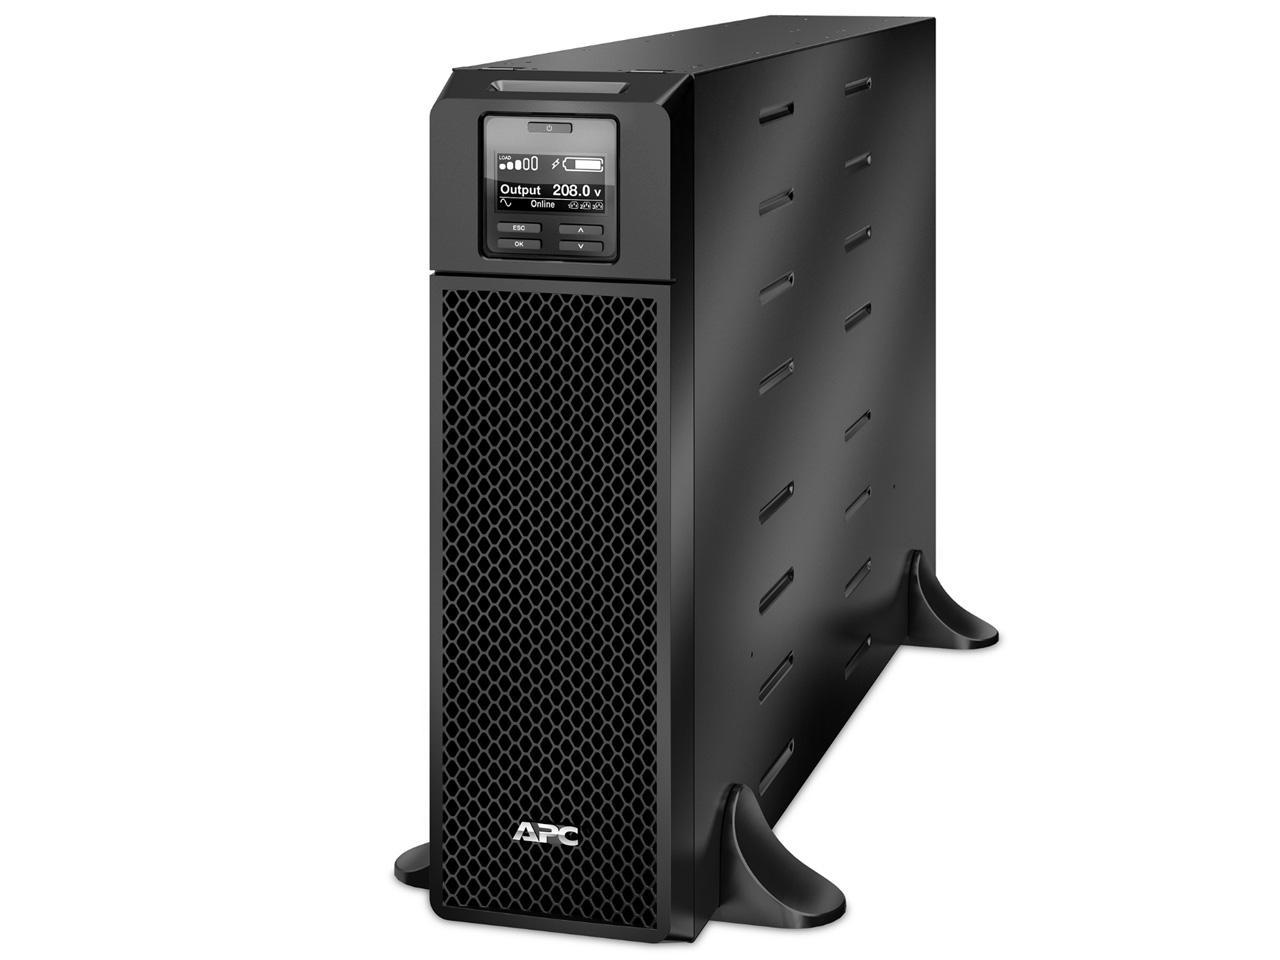 シュナイダーエレクトリック(APC) APC Smart-UPS SRT 5000VA 200V オンサイト3年保証付きモデル(SRT5KXLJOS3)【smtb-s】